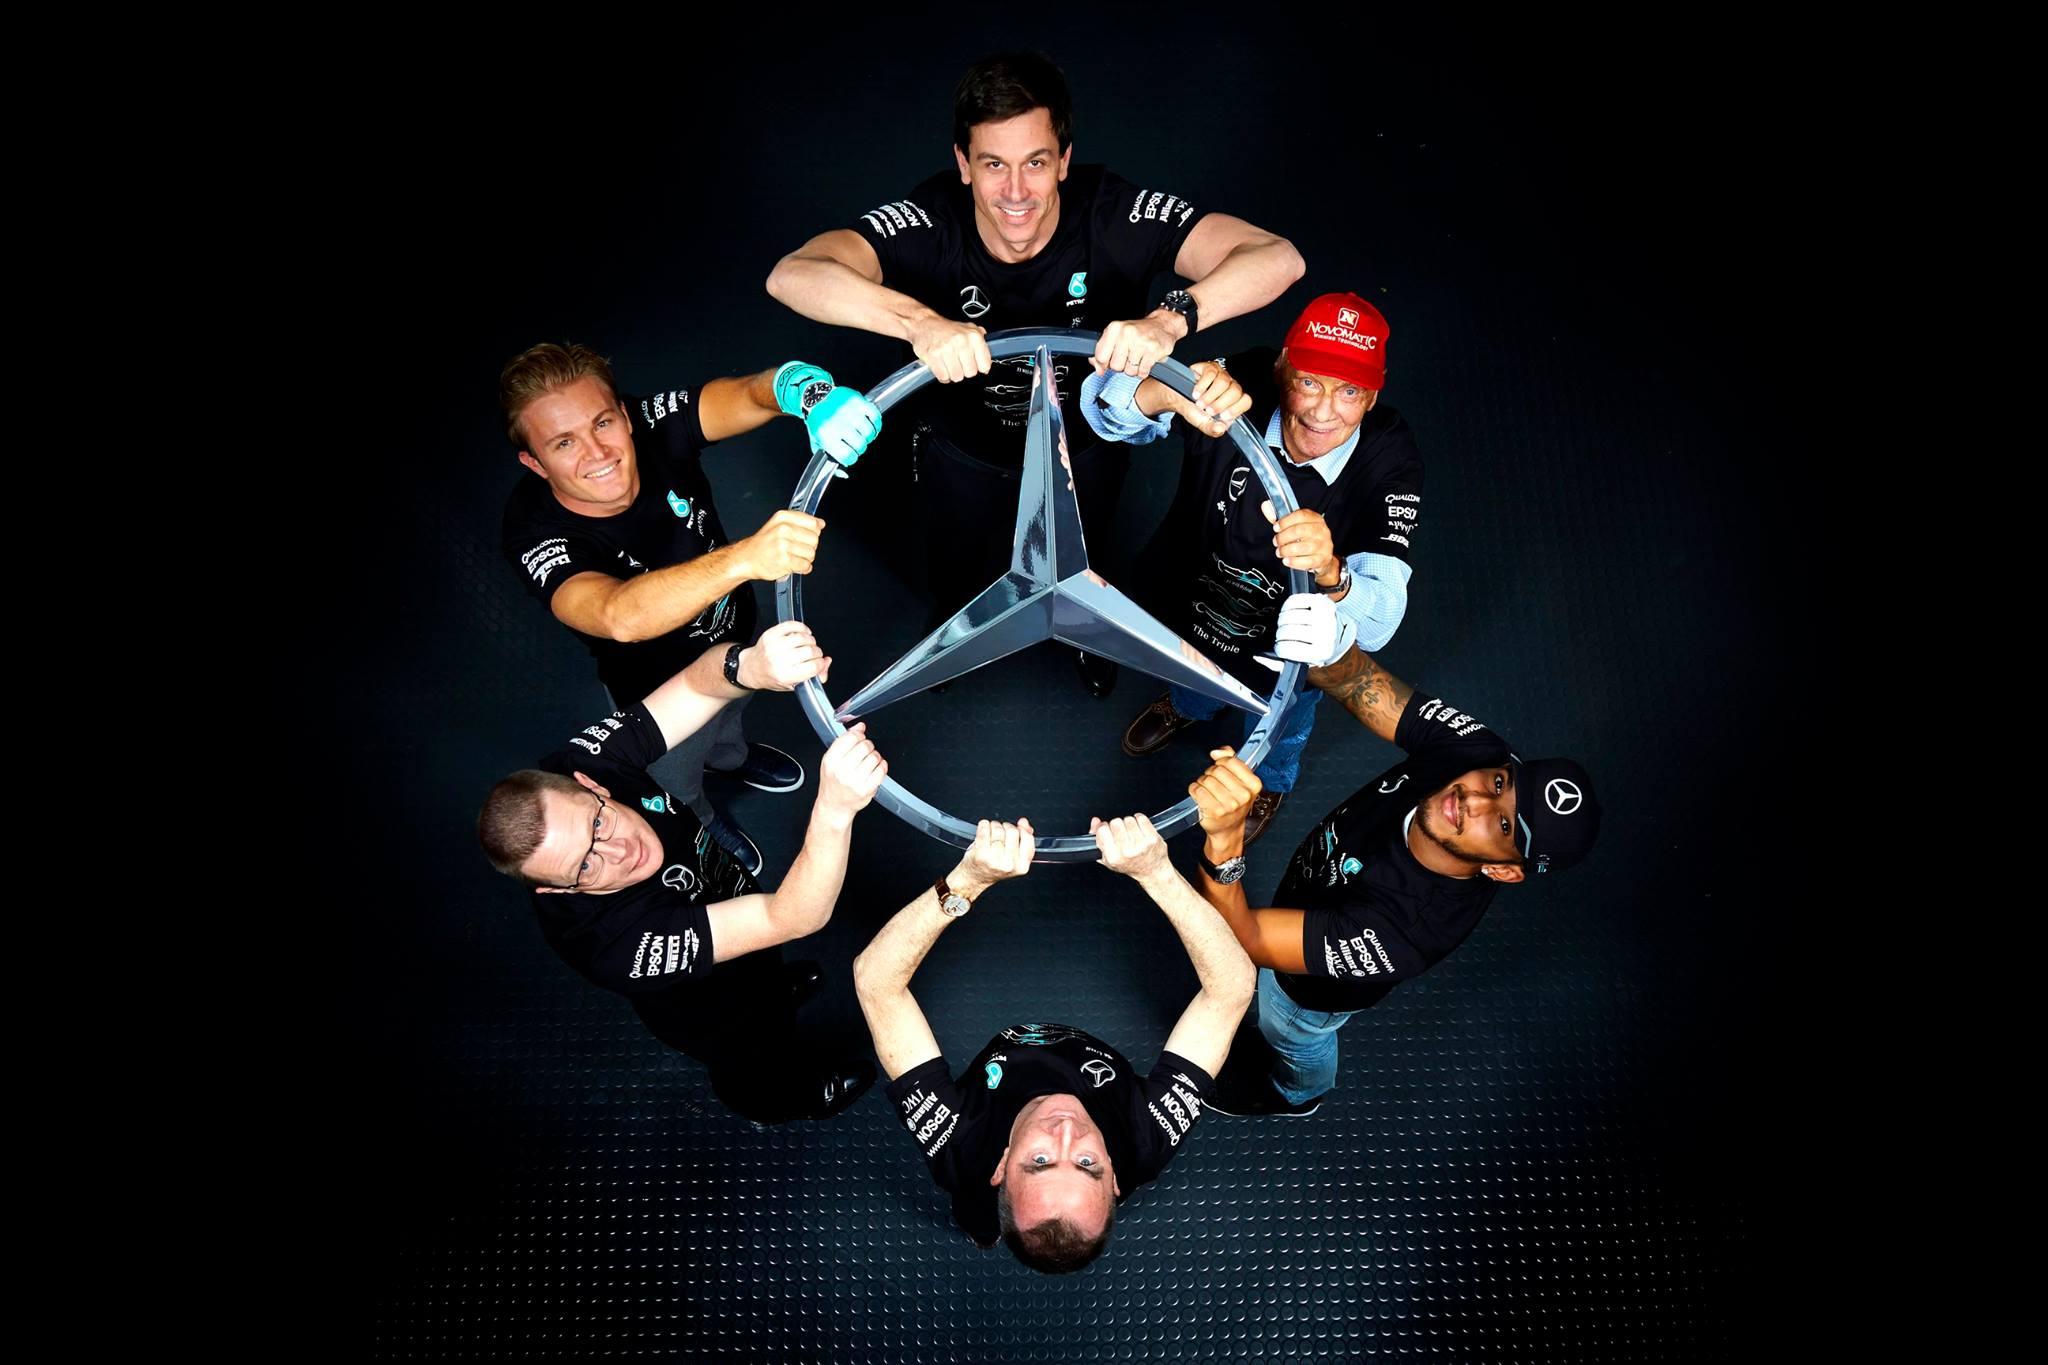 © Mercedes - Les hommes forts d'une équipe au firmament de la Formule 1, pour la troisième saison consécutive